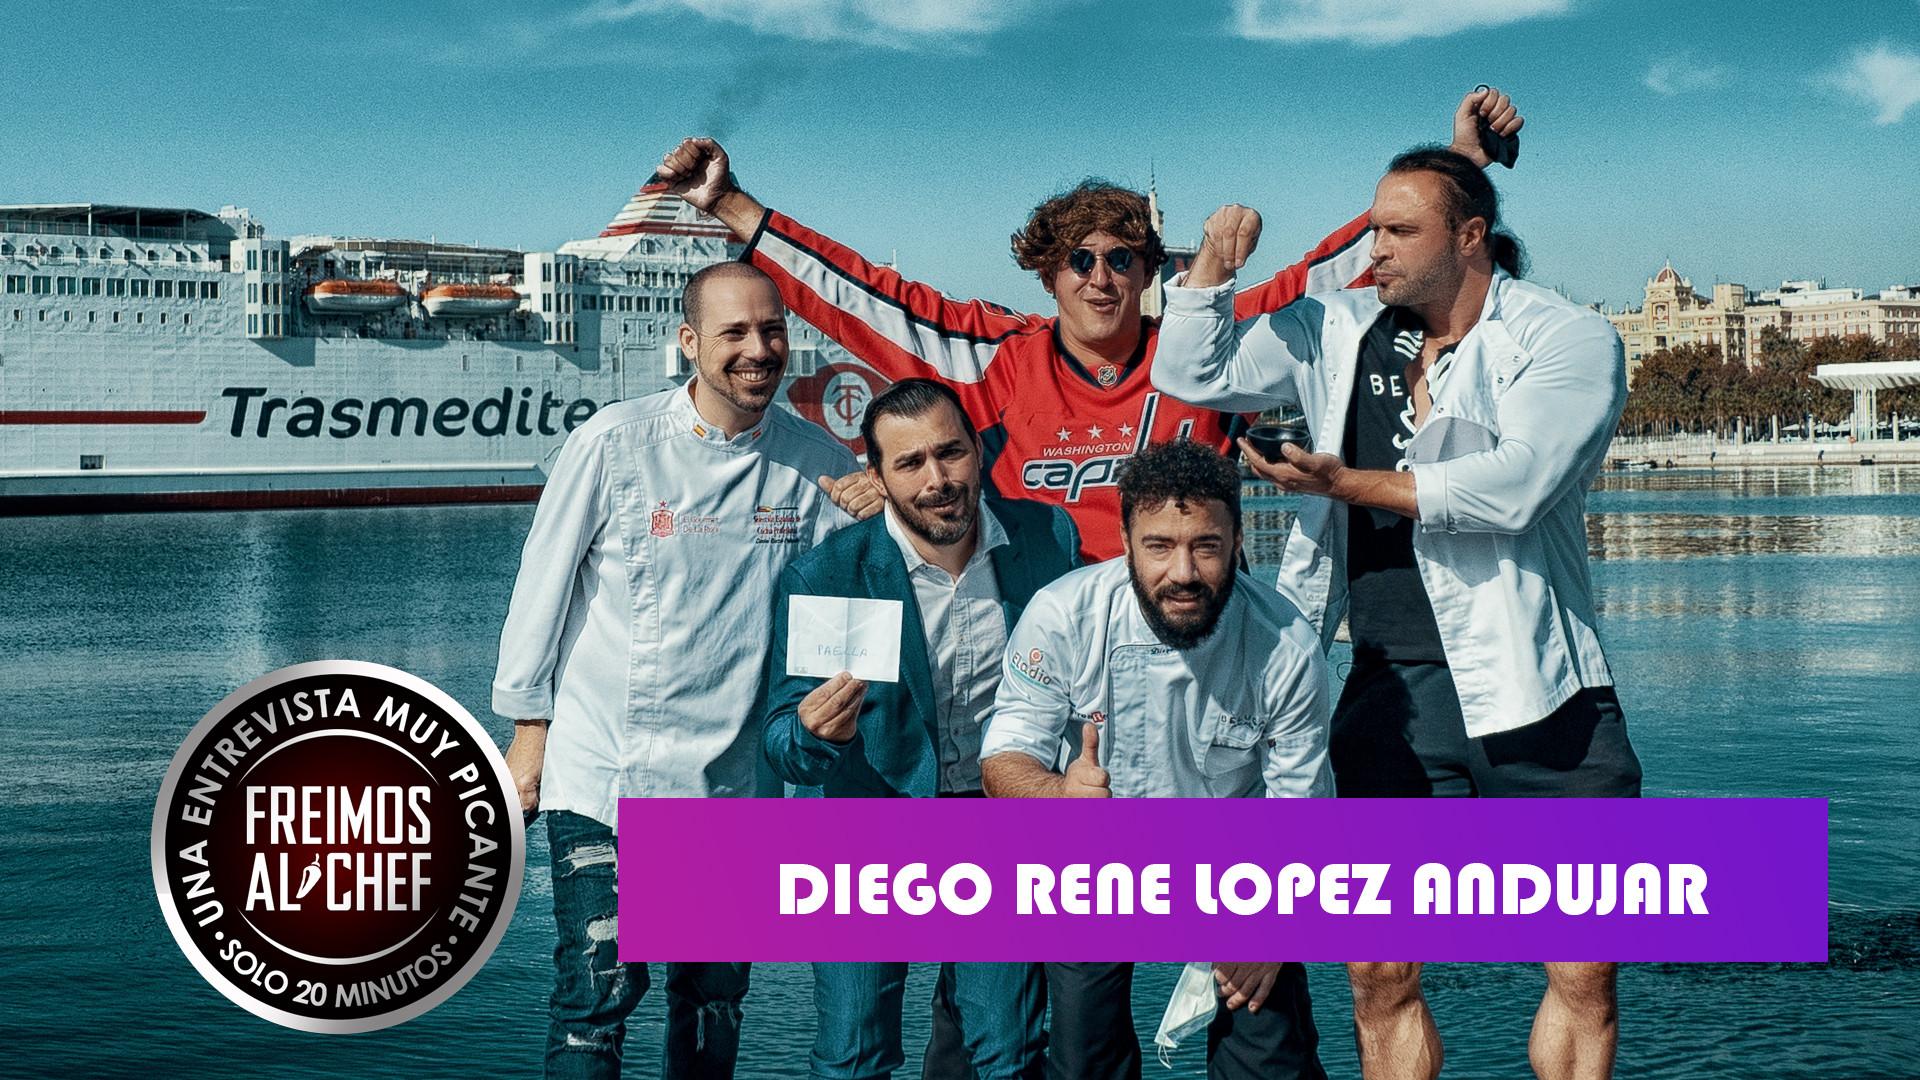 Freimos Al Chef - Diego Rene